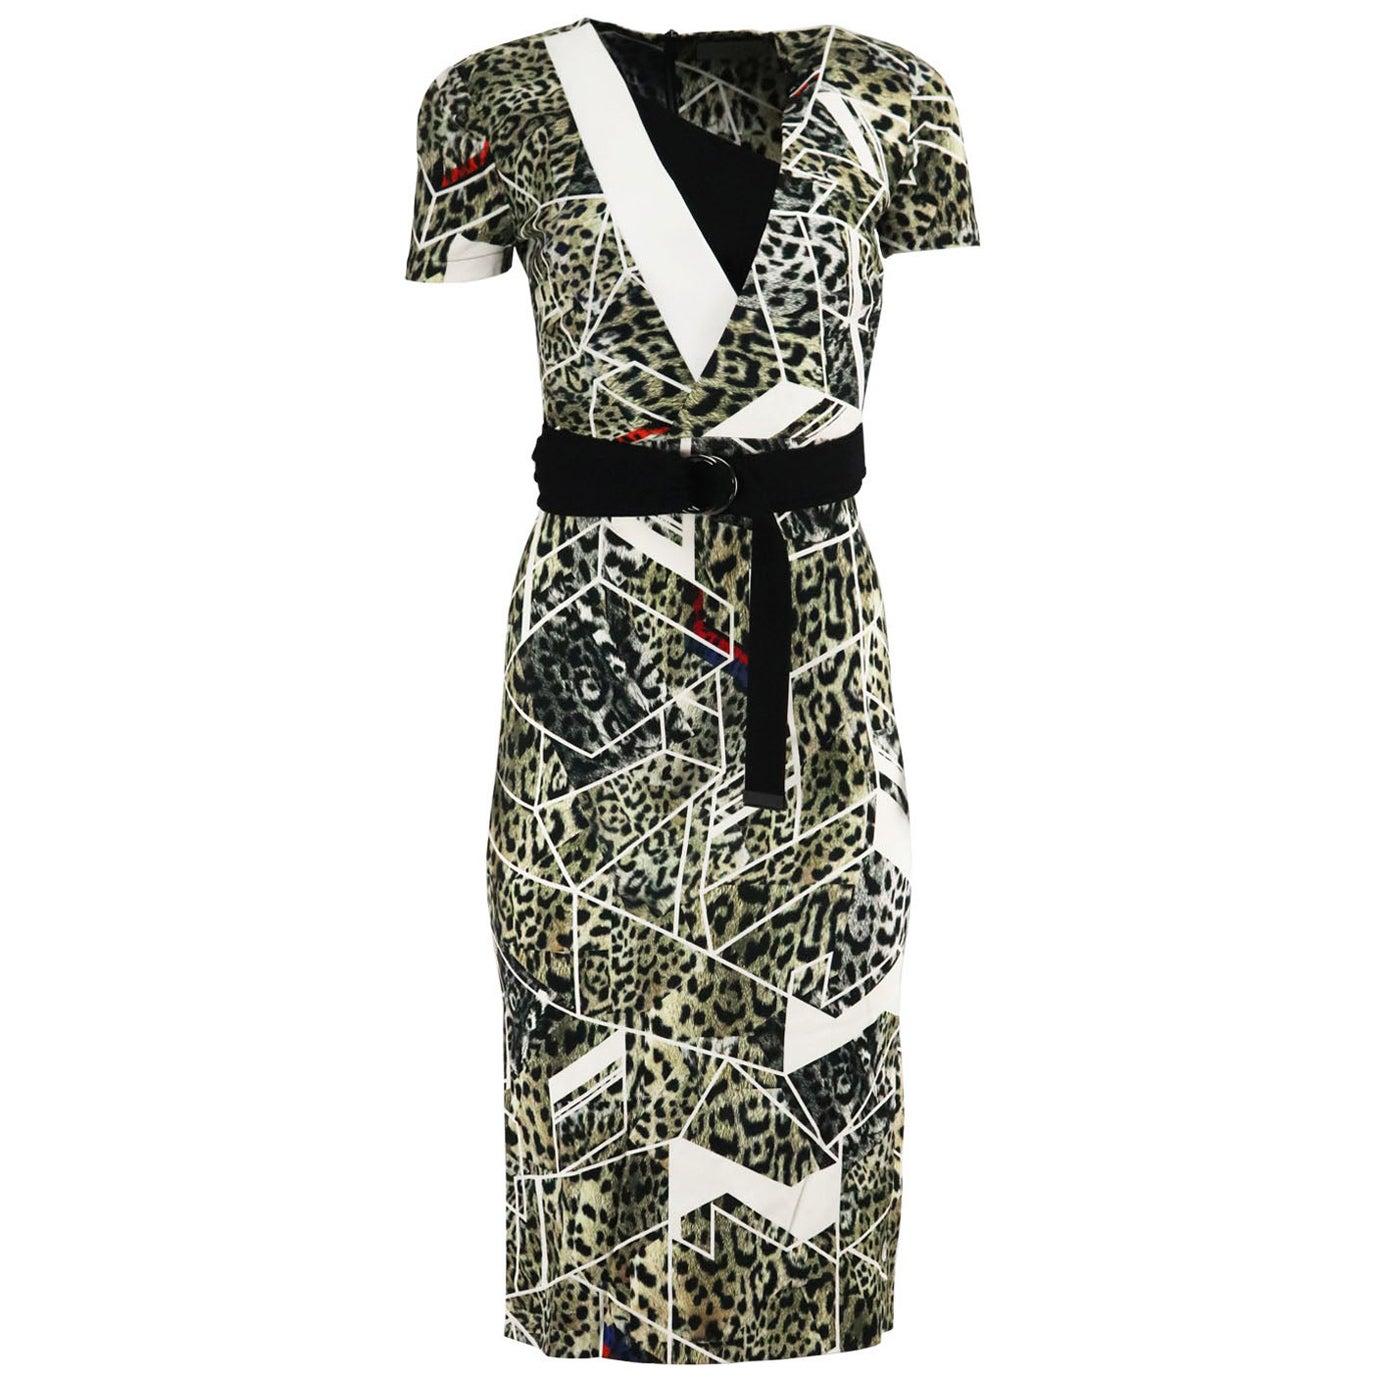 Preen By Thornton Bregazzi Wrap Effect Printed Jersey Dress